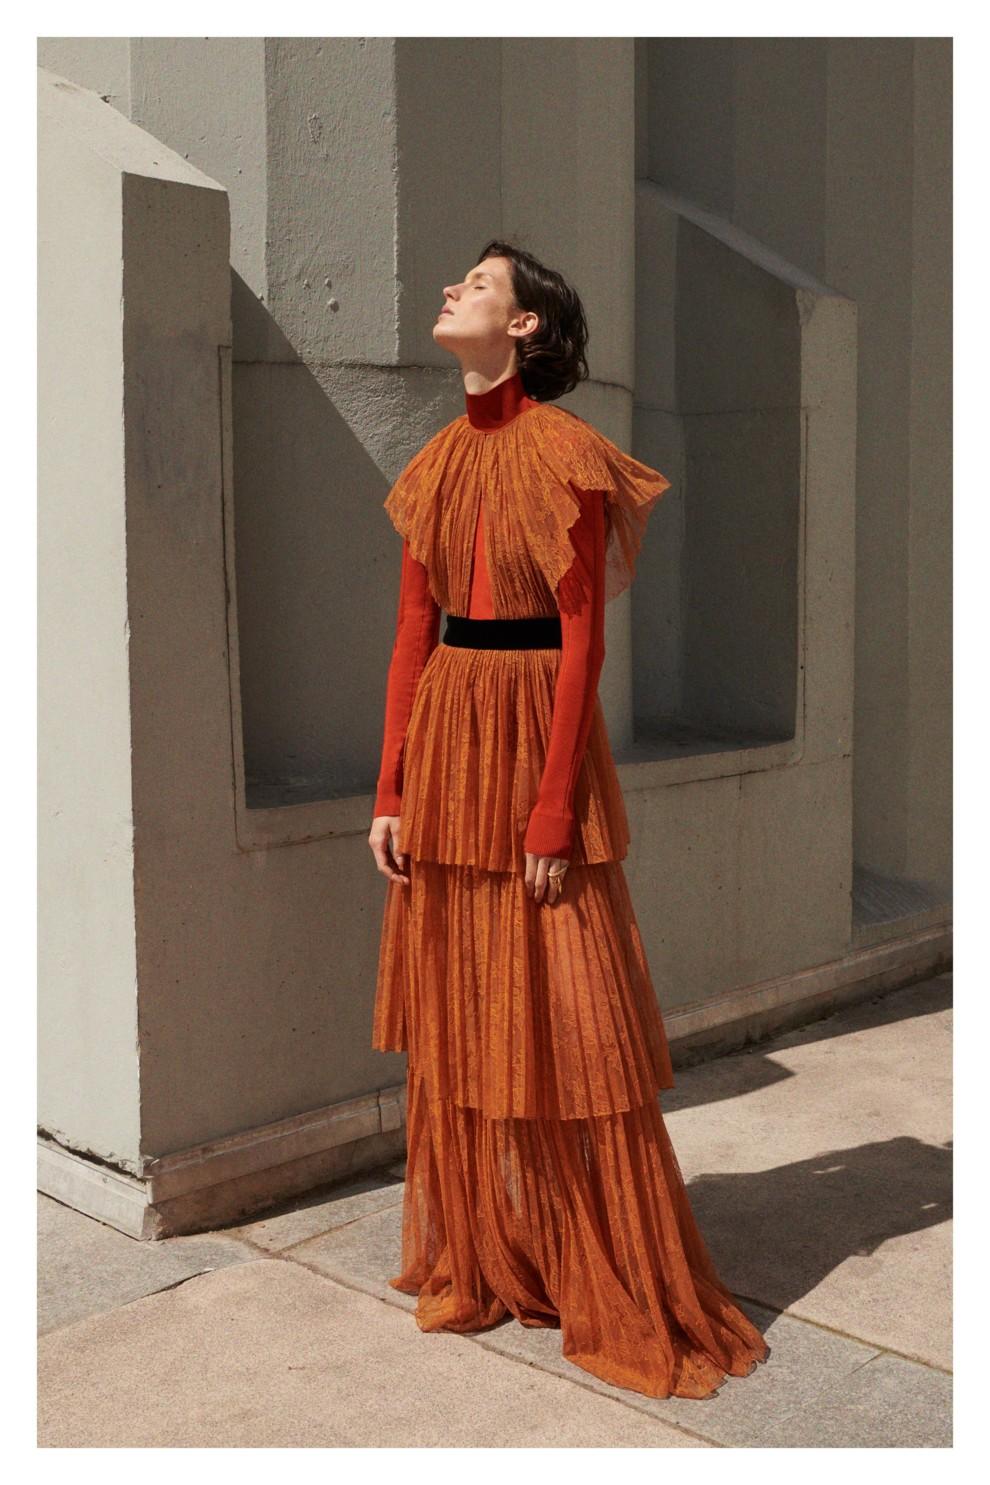 5c20aae649250 - Идея для новогоднего наряда - каскадное платье